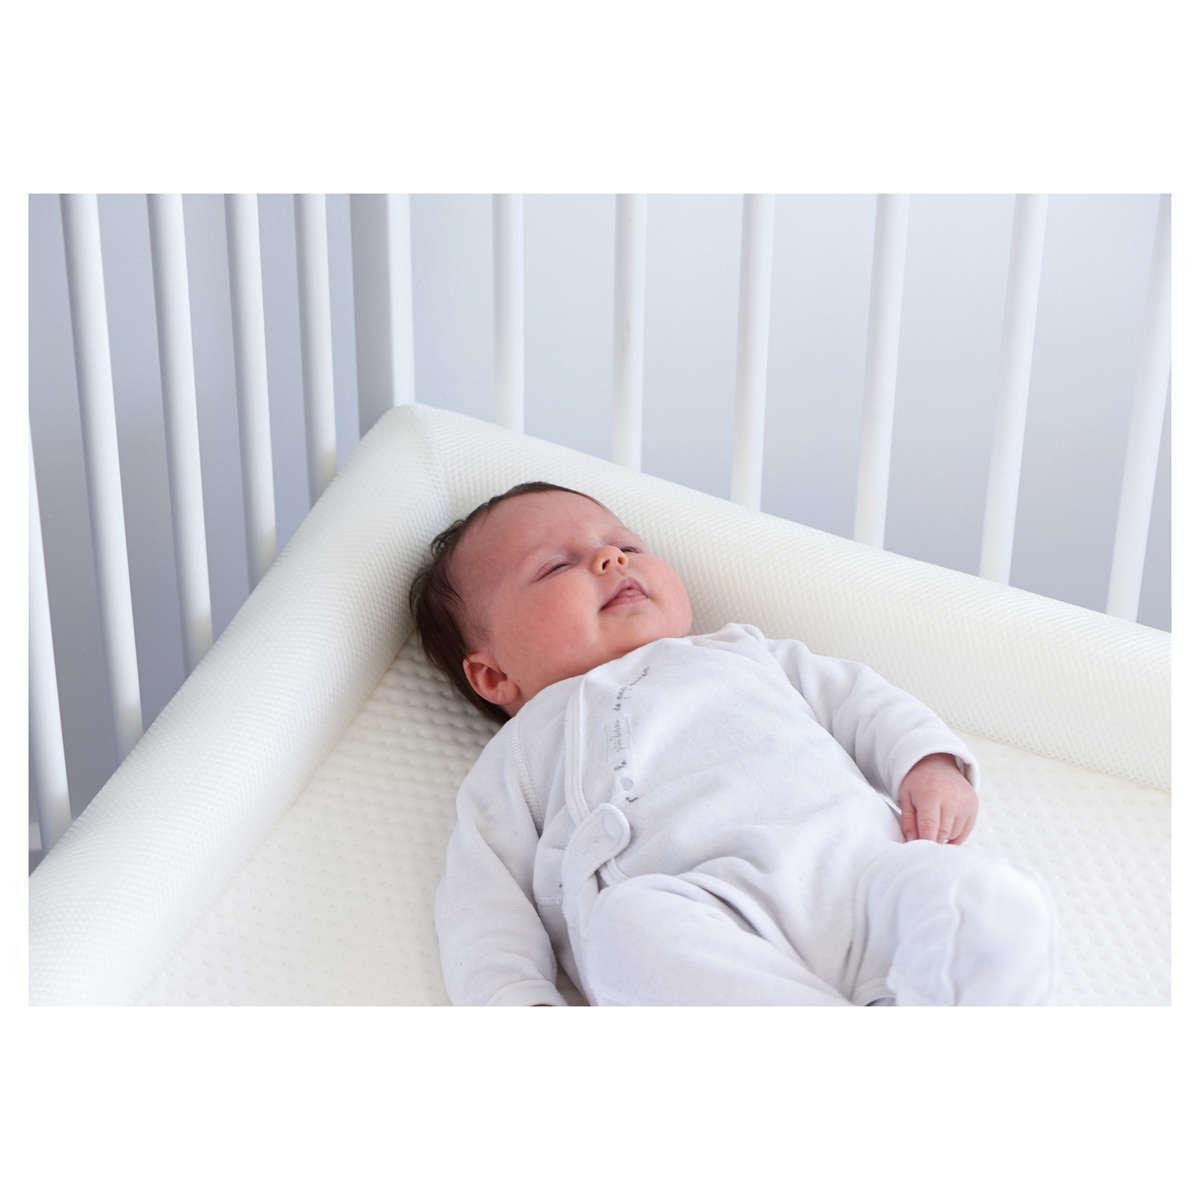 candide matelas d houssable sleep safe croissance 70x140 cm matelas b b candide sur l. Black Bedroom Furniture Sets. Home Design Ideas